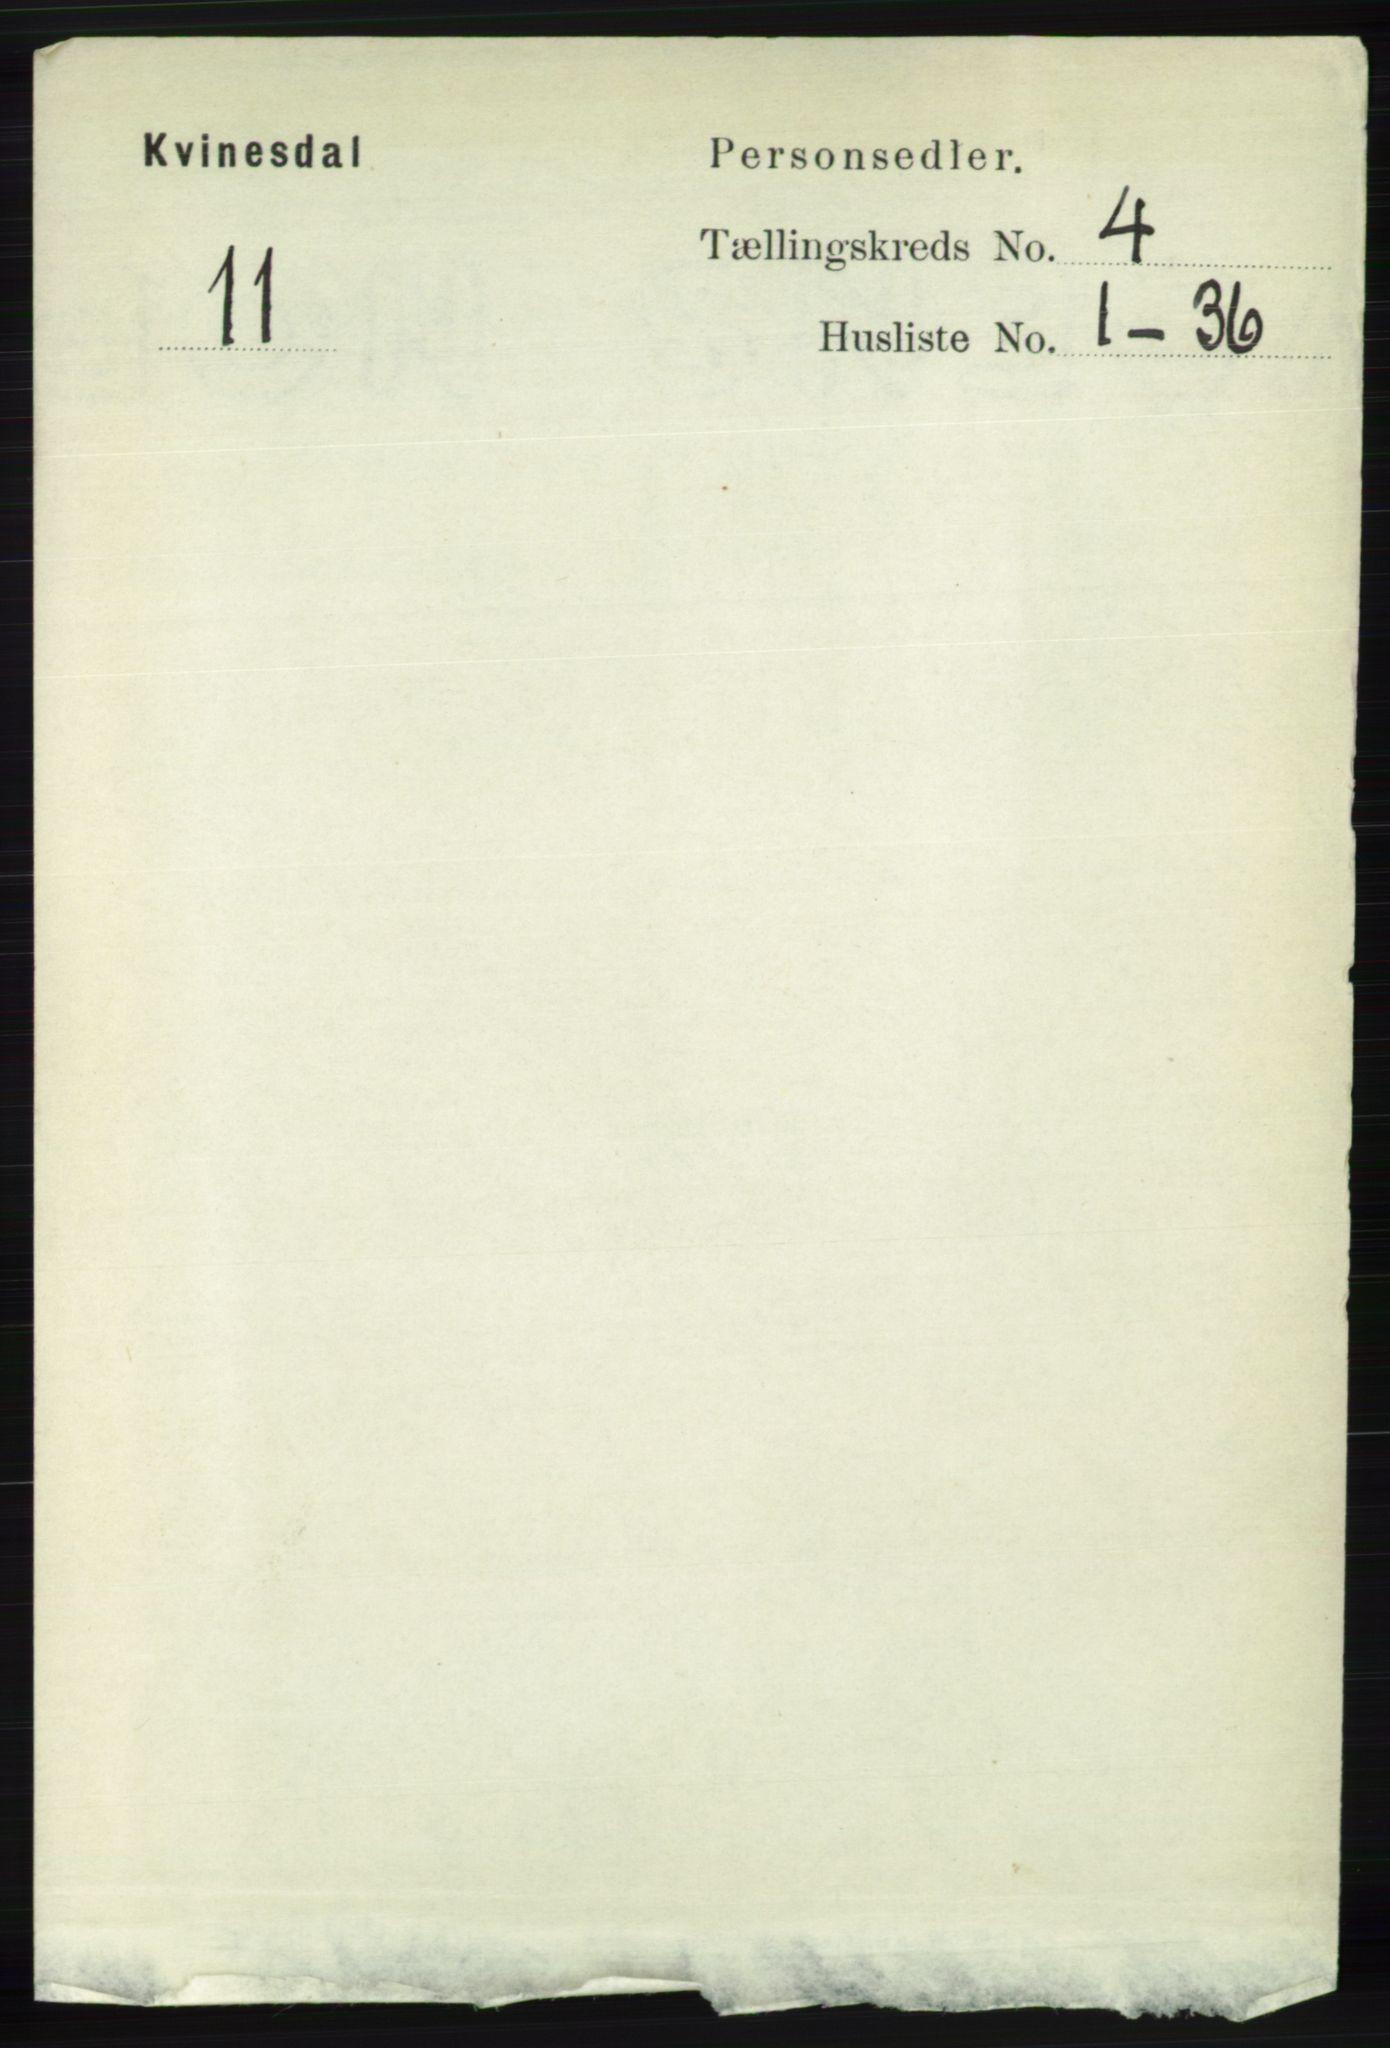 RA, Folketelling 1891 for 1037 Kvinesdal herred, 1891, s. 1431